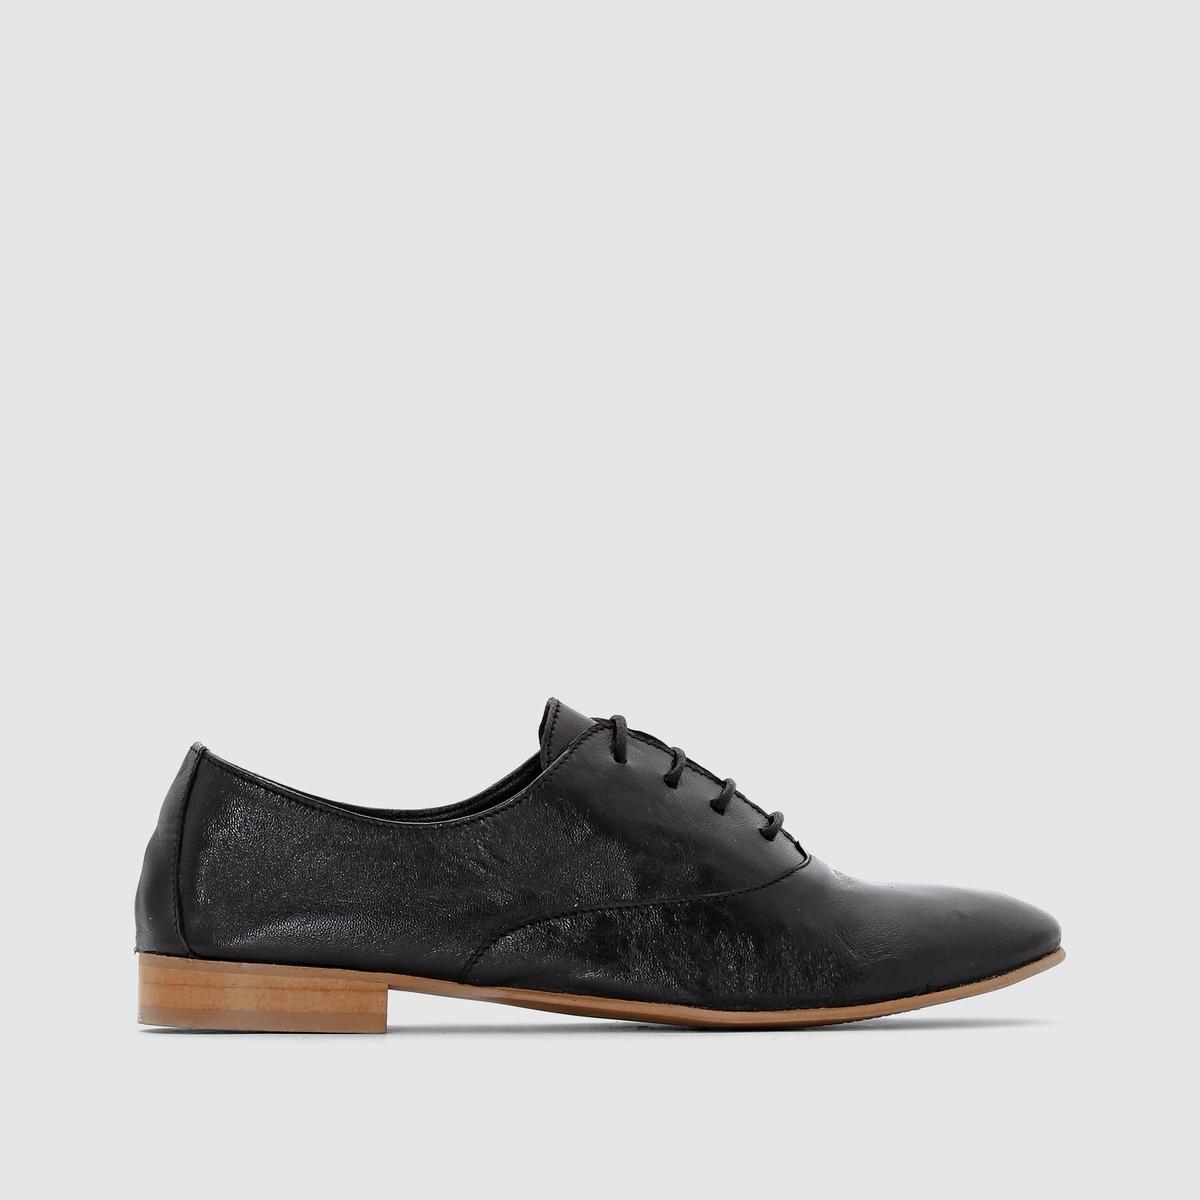 Ботинки-дерби из мягкой кожи ботинки r